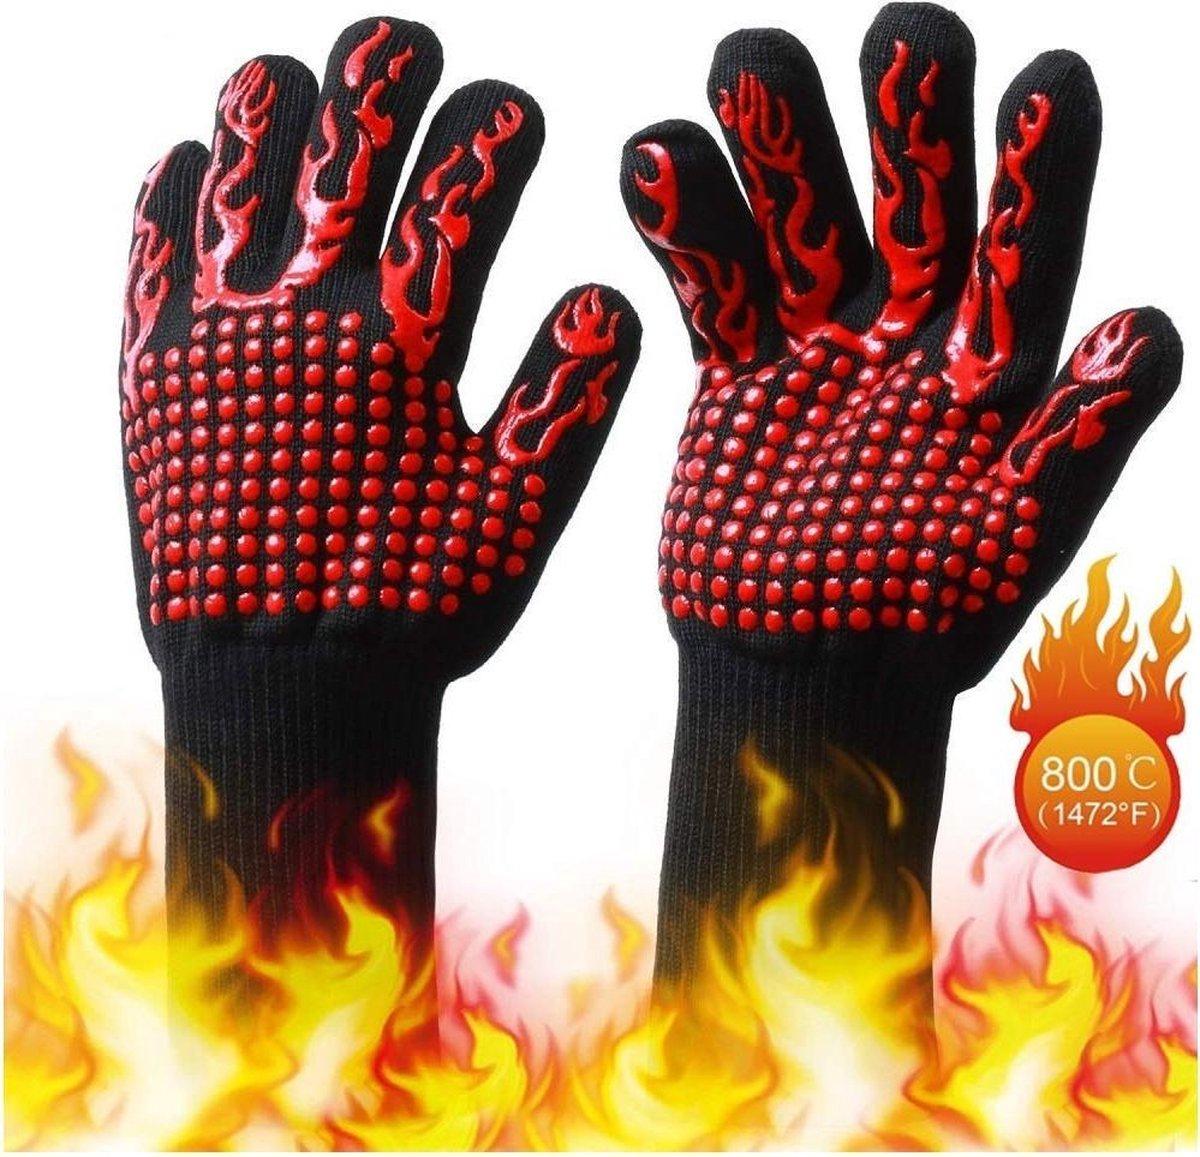 Hittebestendige Oven handschoenen - BBQ - Dubbel gevoerd - Extra groot voor betere bescherming - 2 S